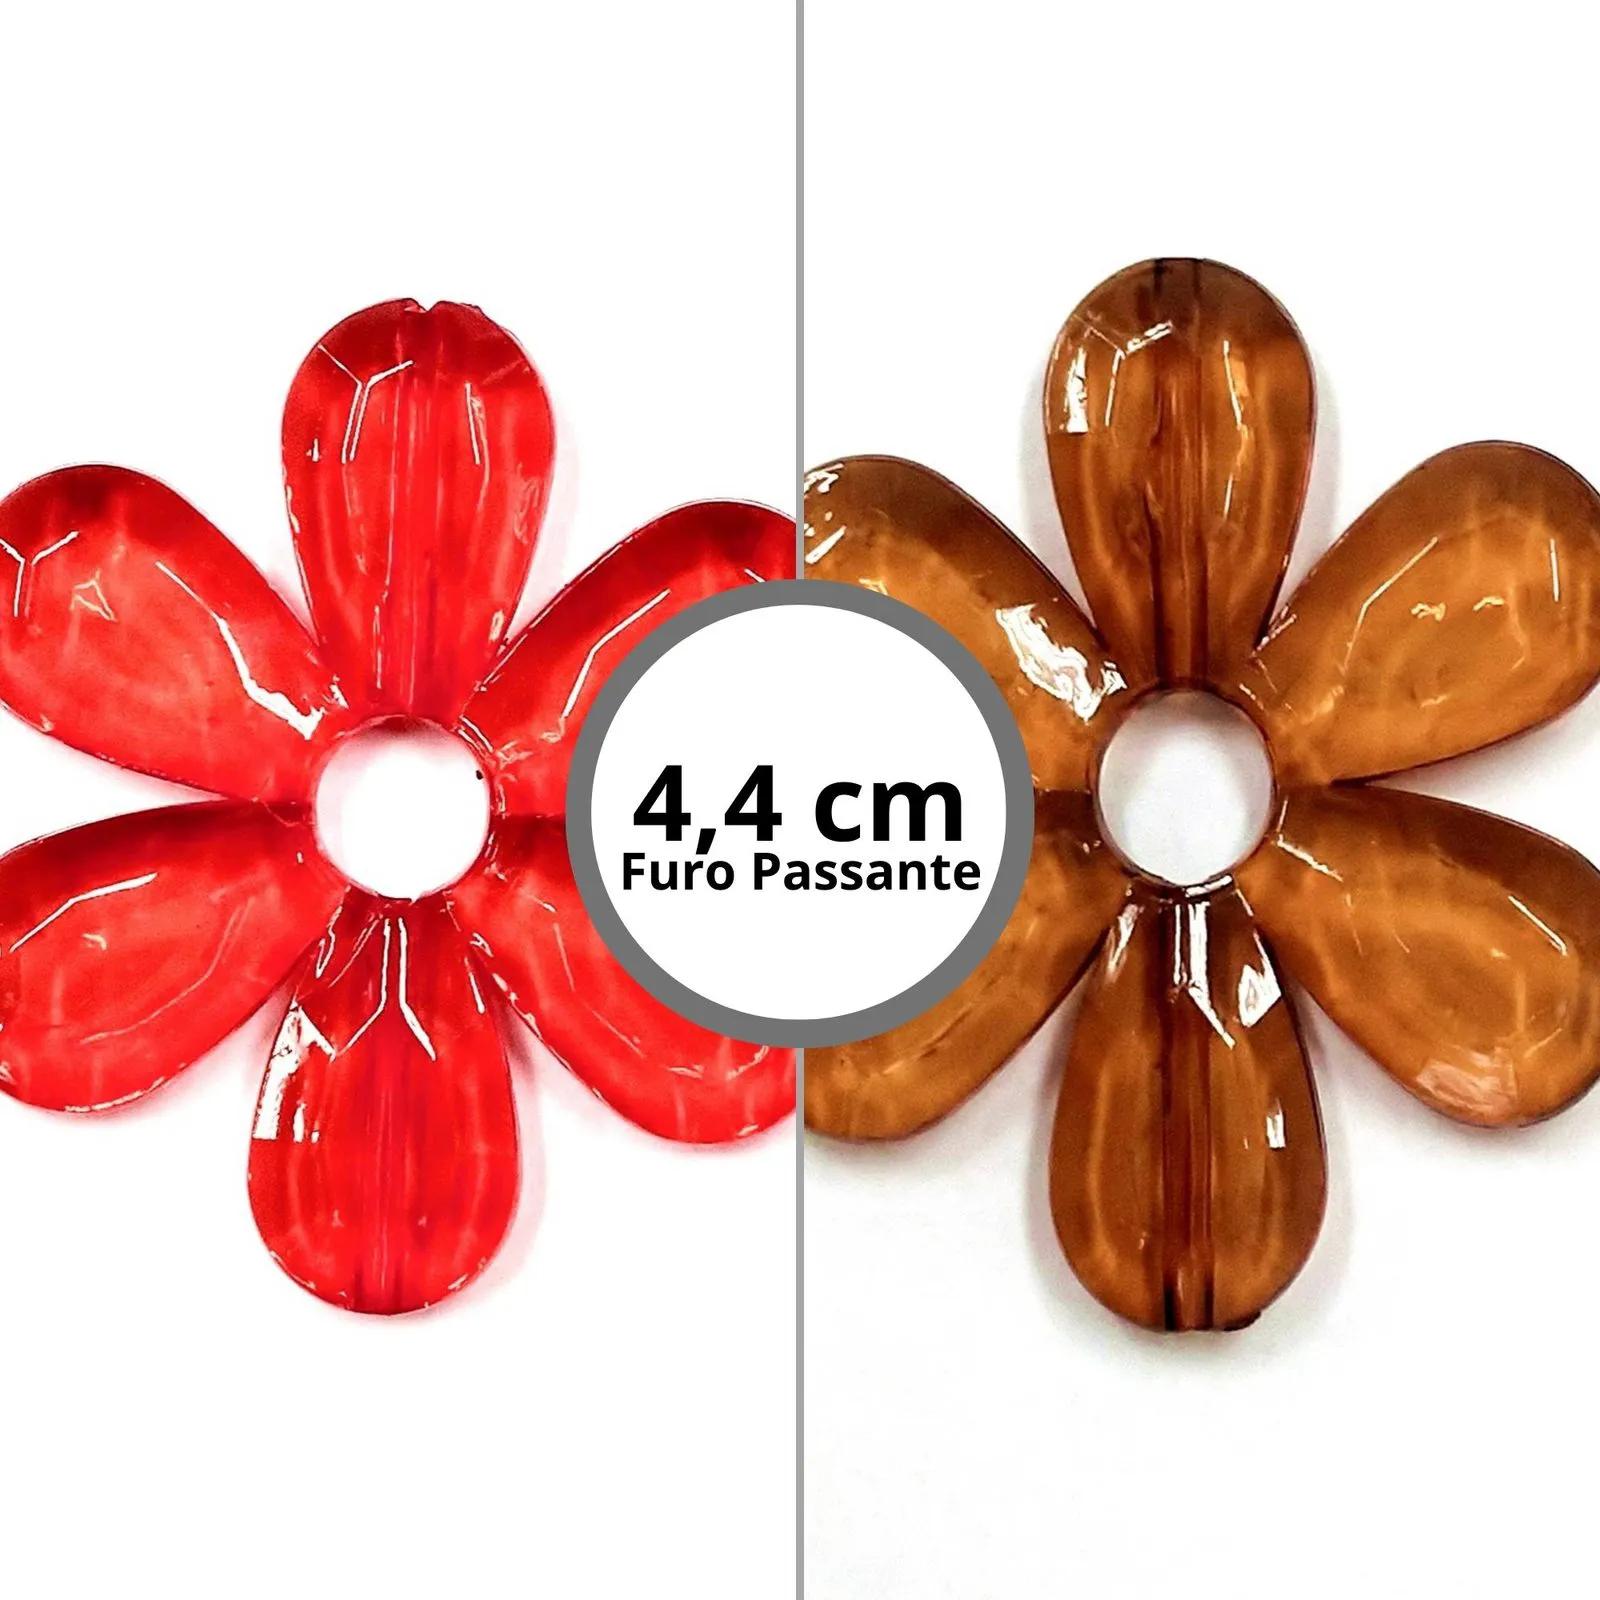 Flor Acrílica com Furo Passante 44x44mm c/ 500g